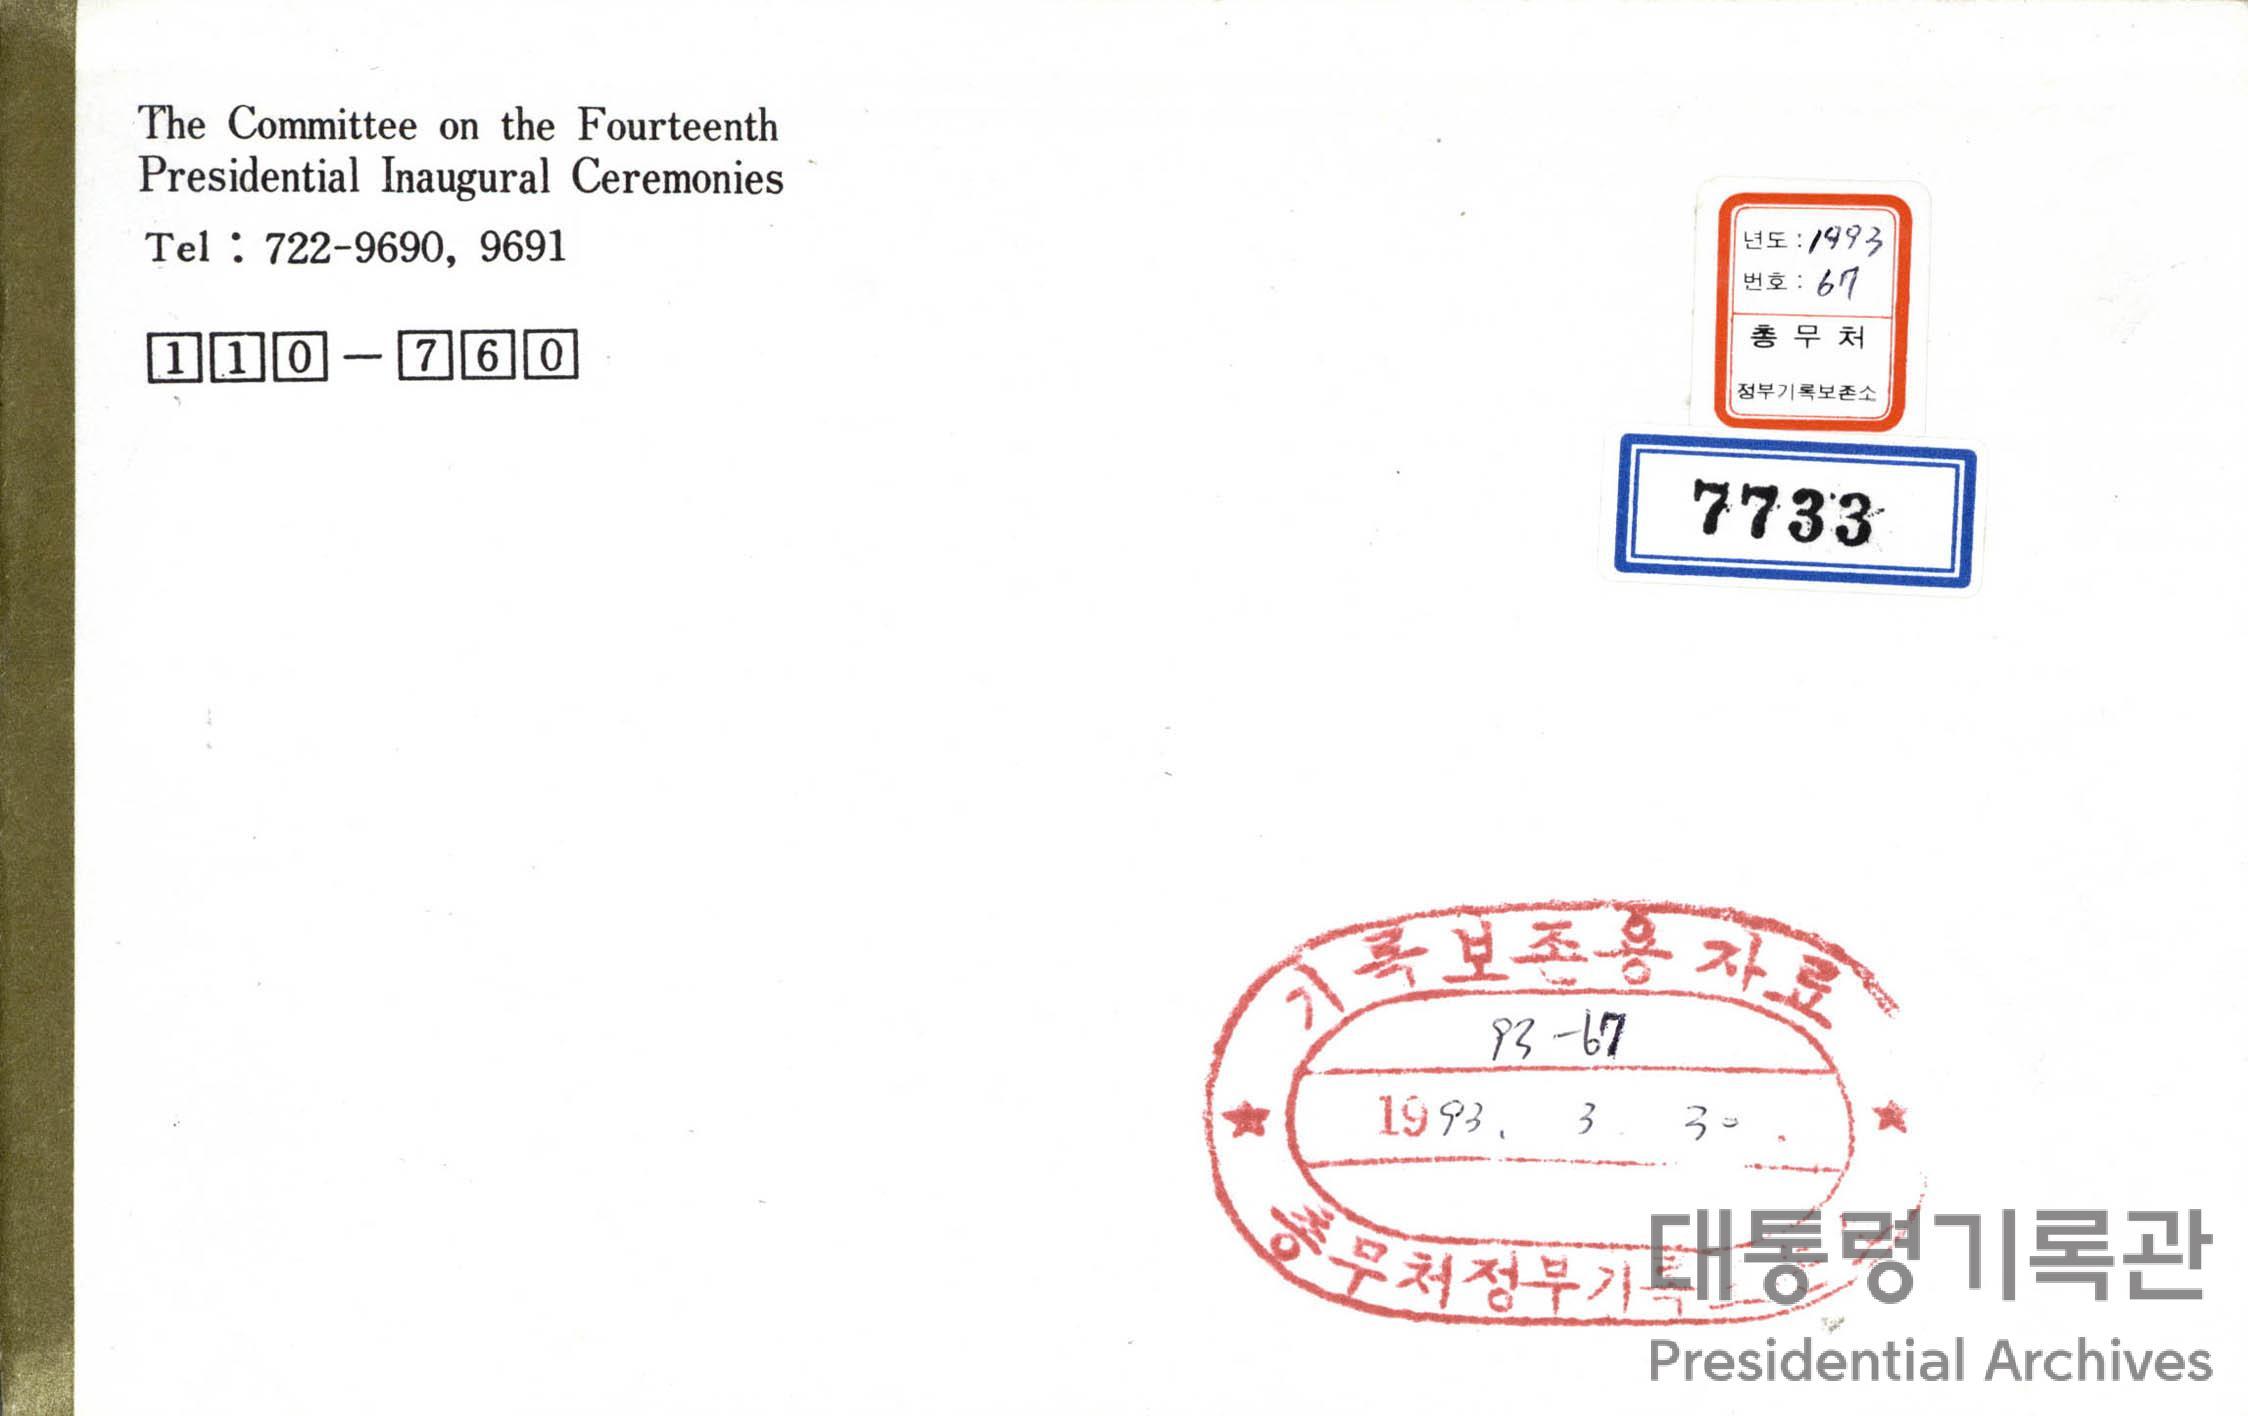 제14대 대통령 취임 경축연회 초청장(영문) (1993, 김영삼대통령)